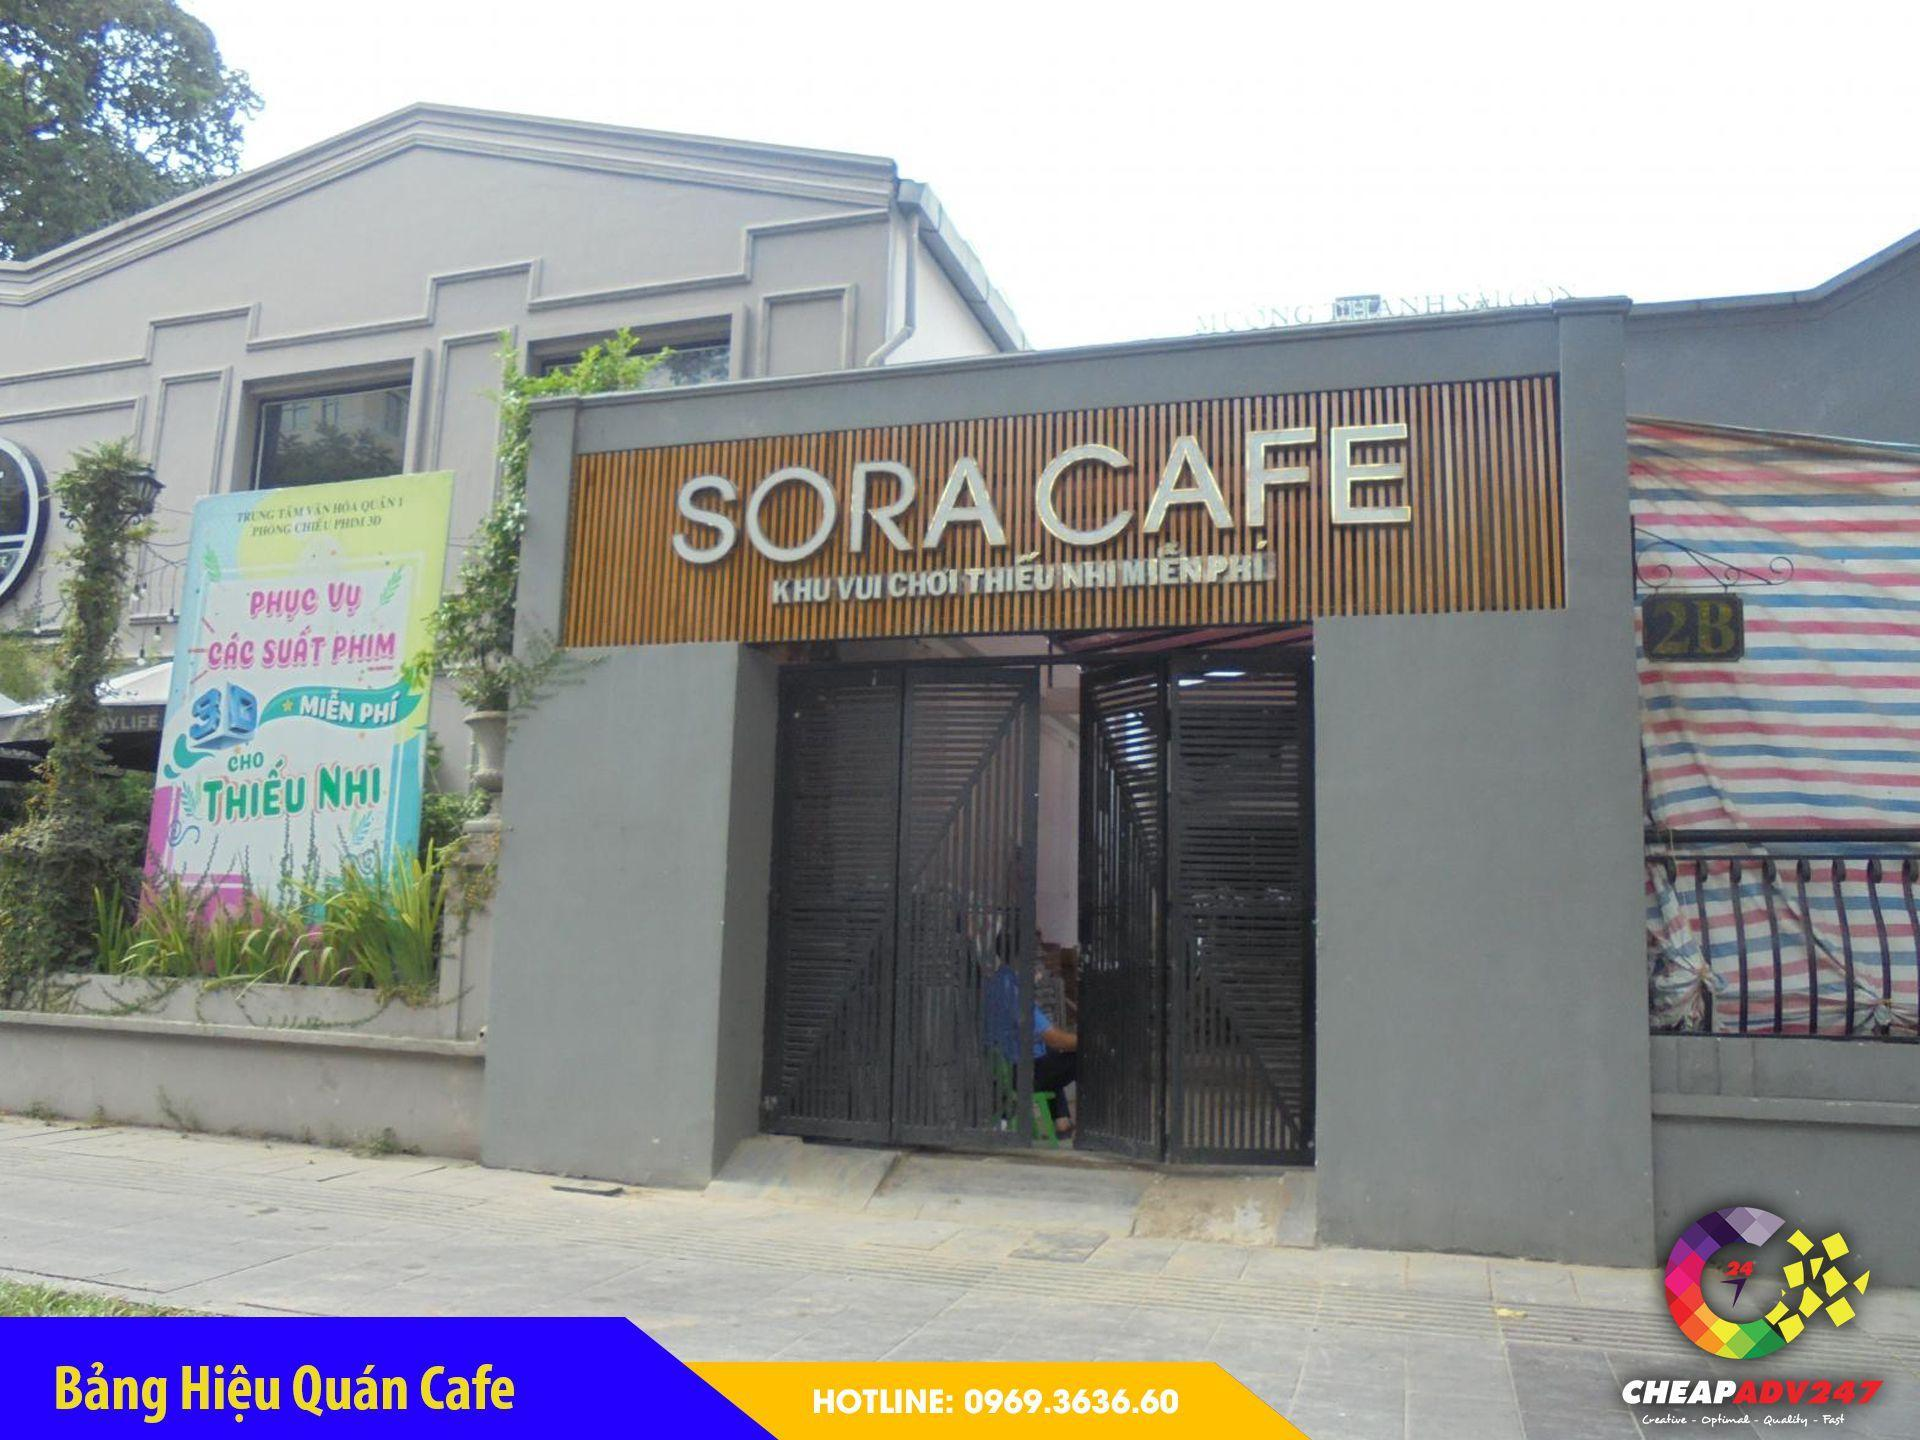 Bảng hiệu quán cafe dùng Inox